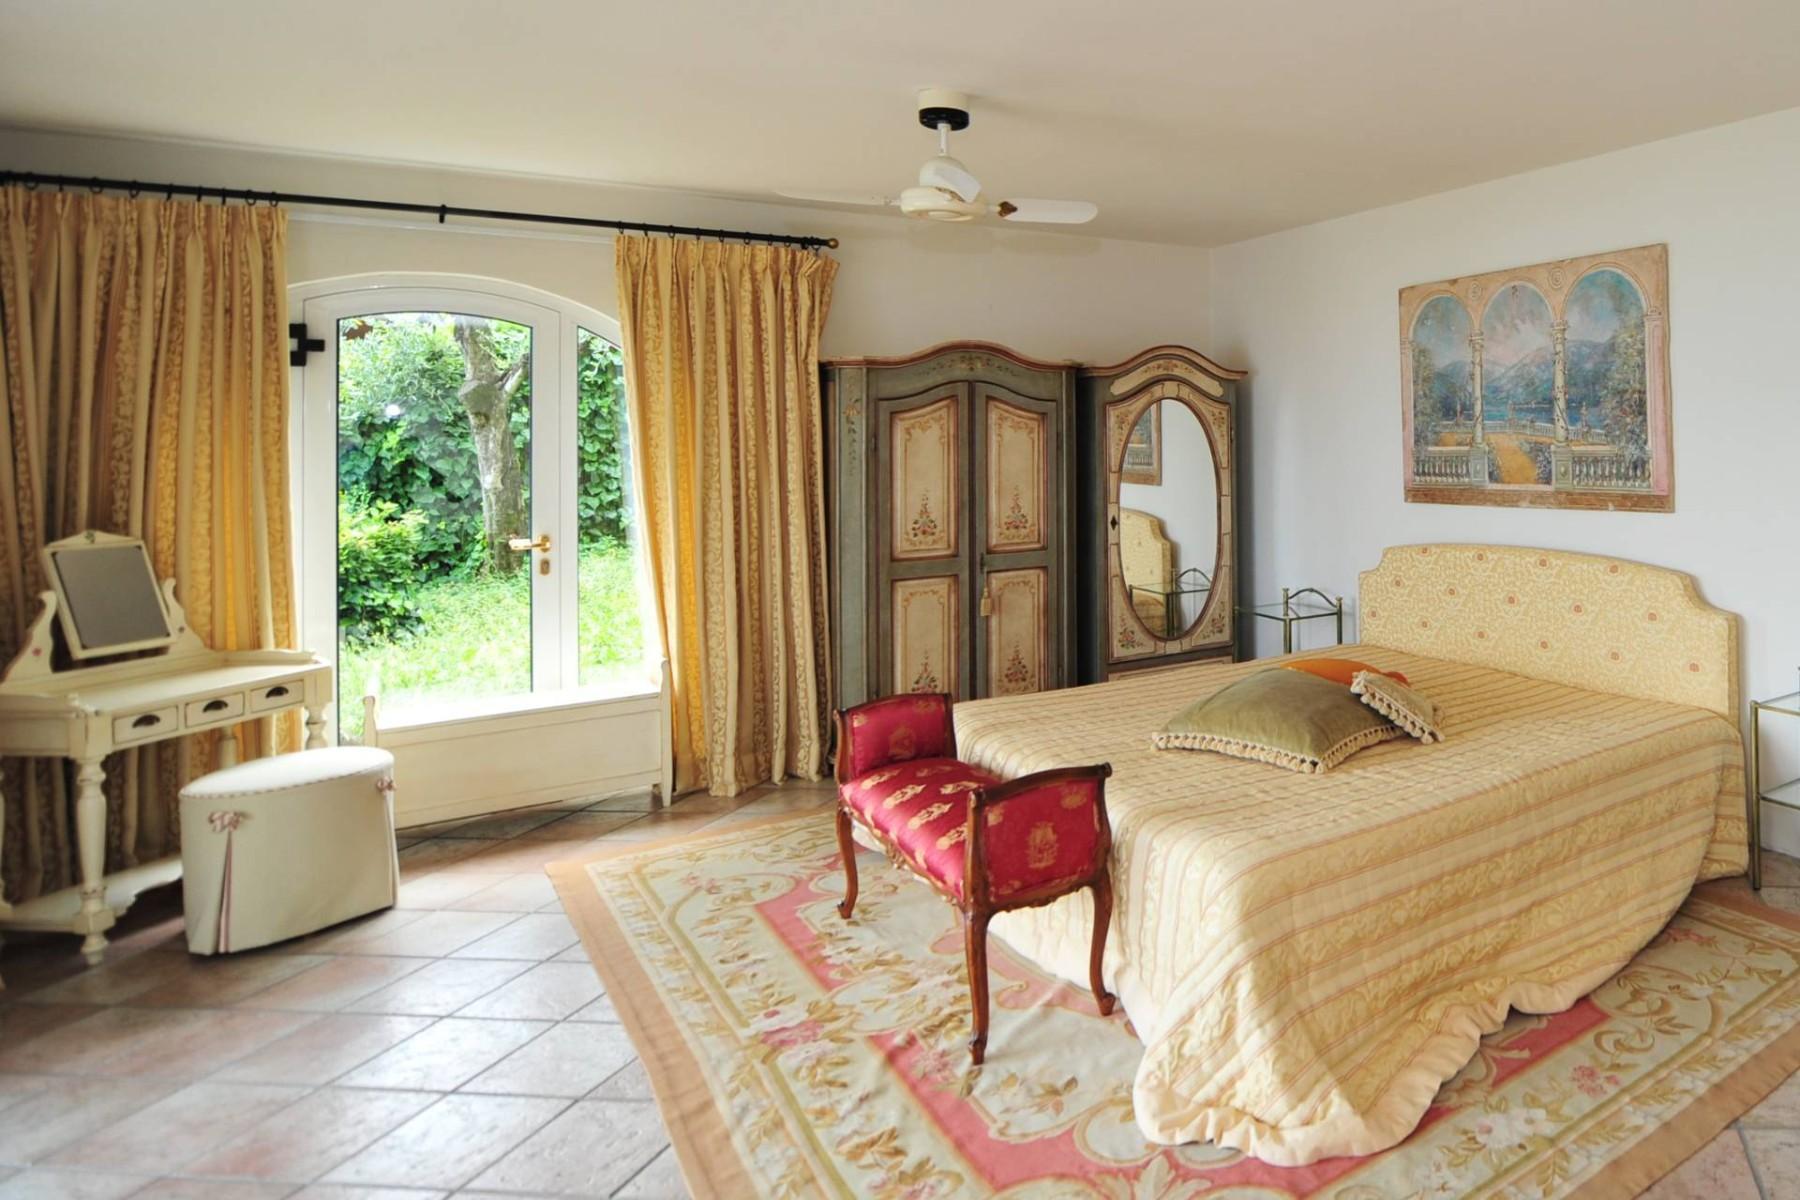 Villa in Vendita a Gargnano: 5 locali, 350 mq - Foto 24